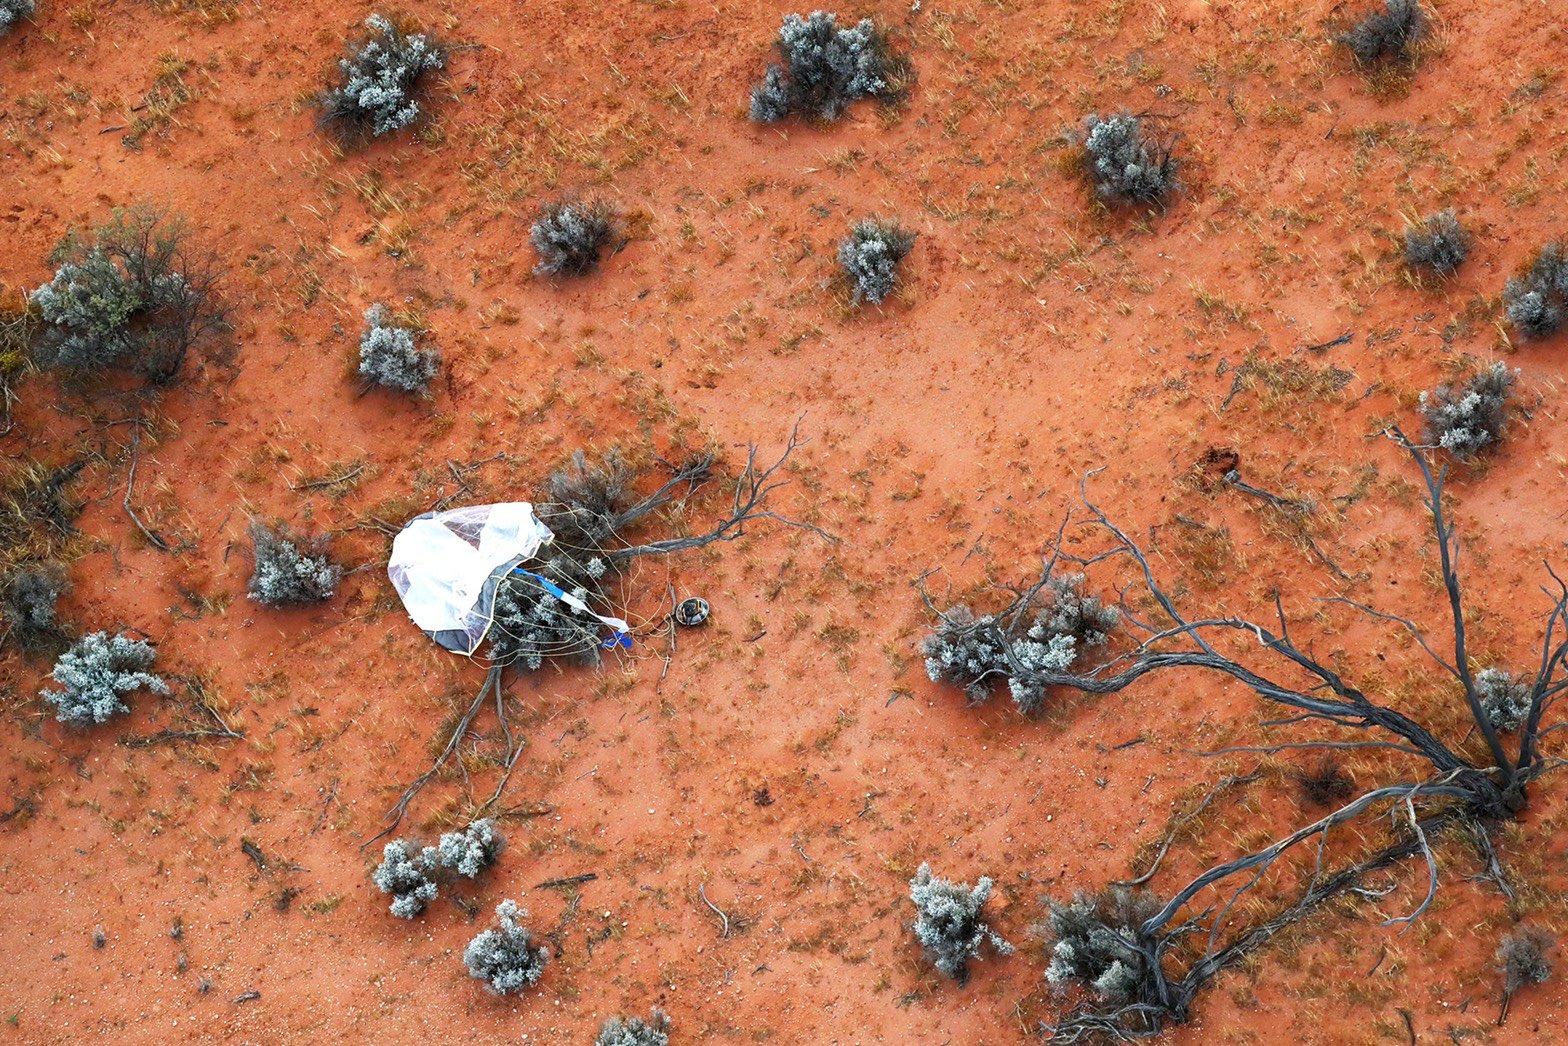 リュウグウの岩石サンプルが無事帰還、JAXAで分析へ